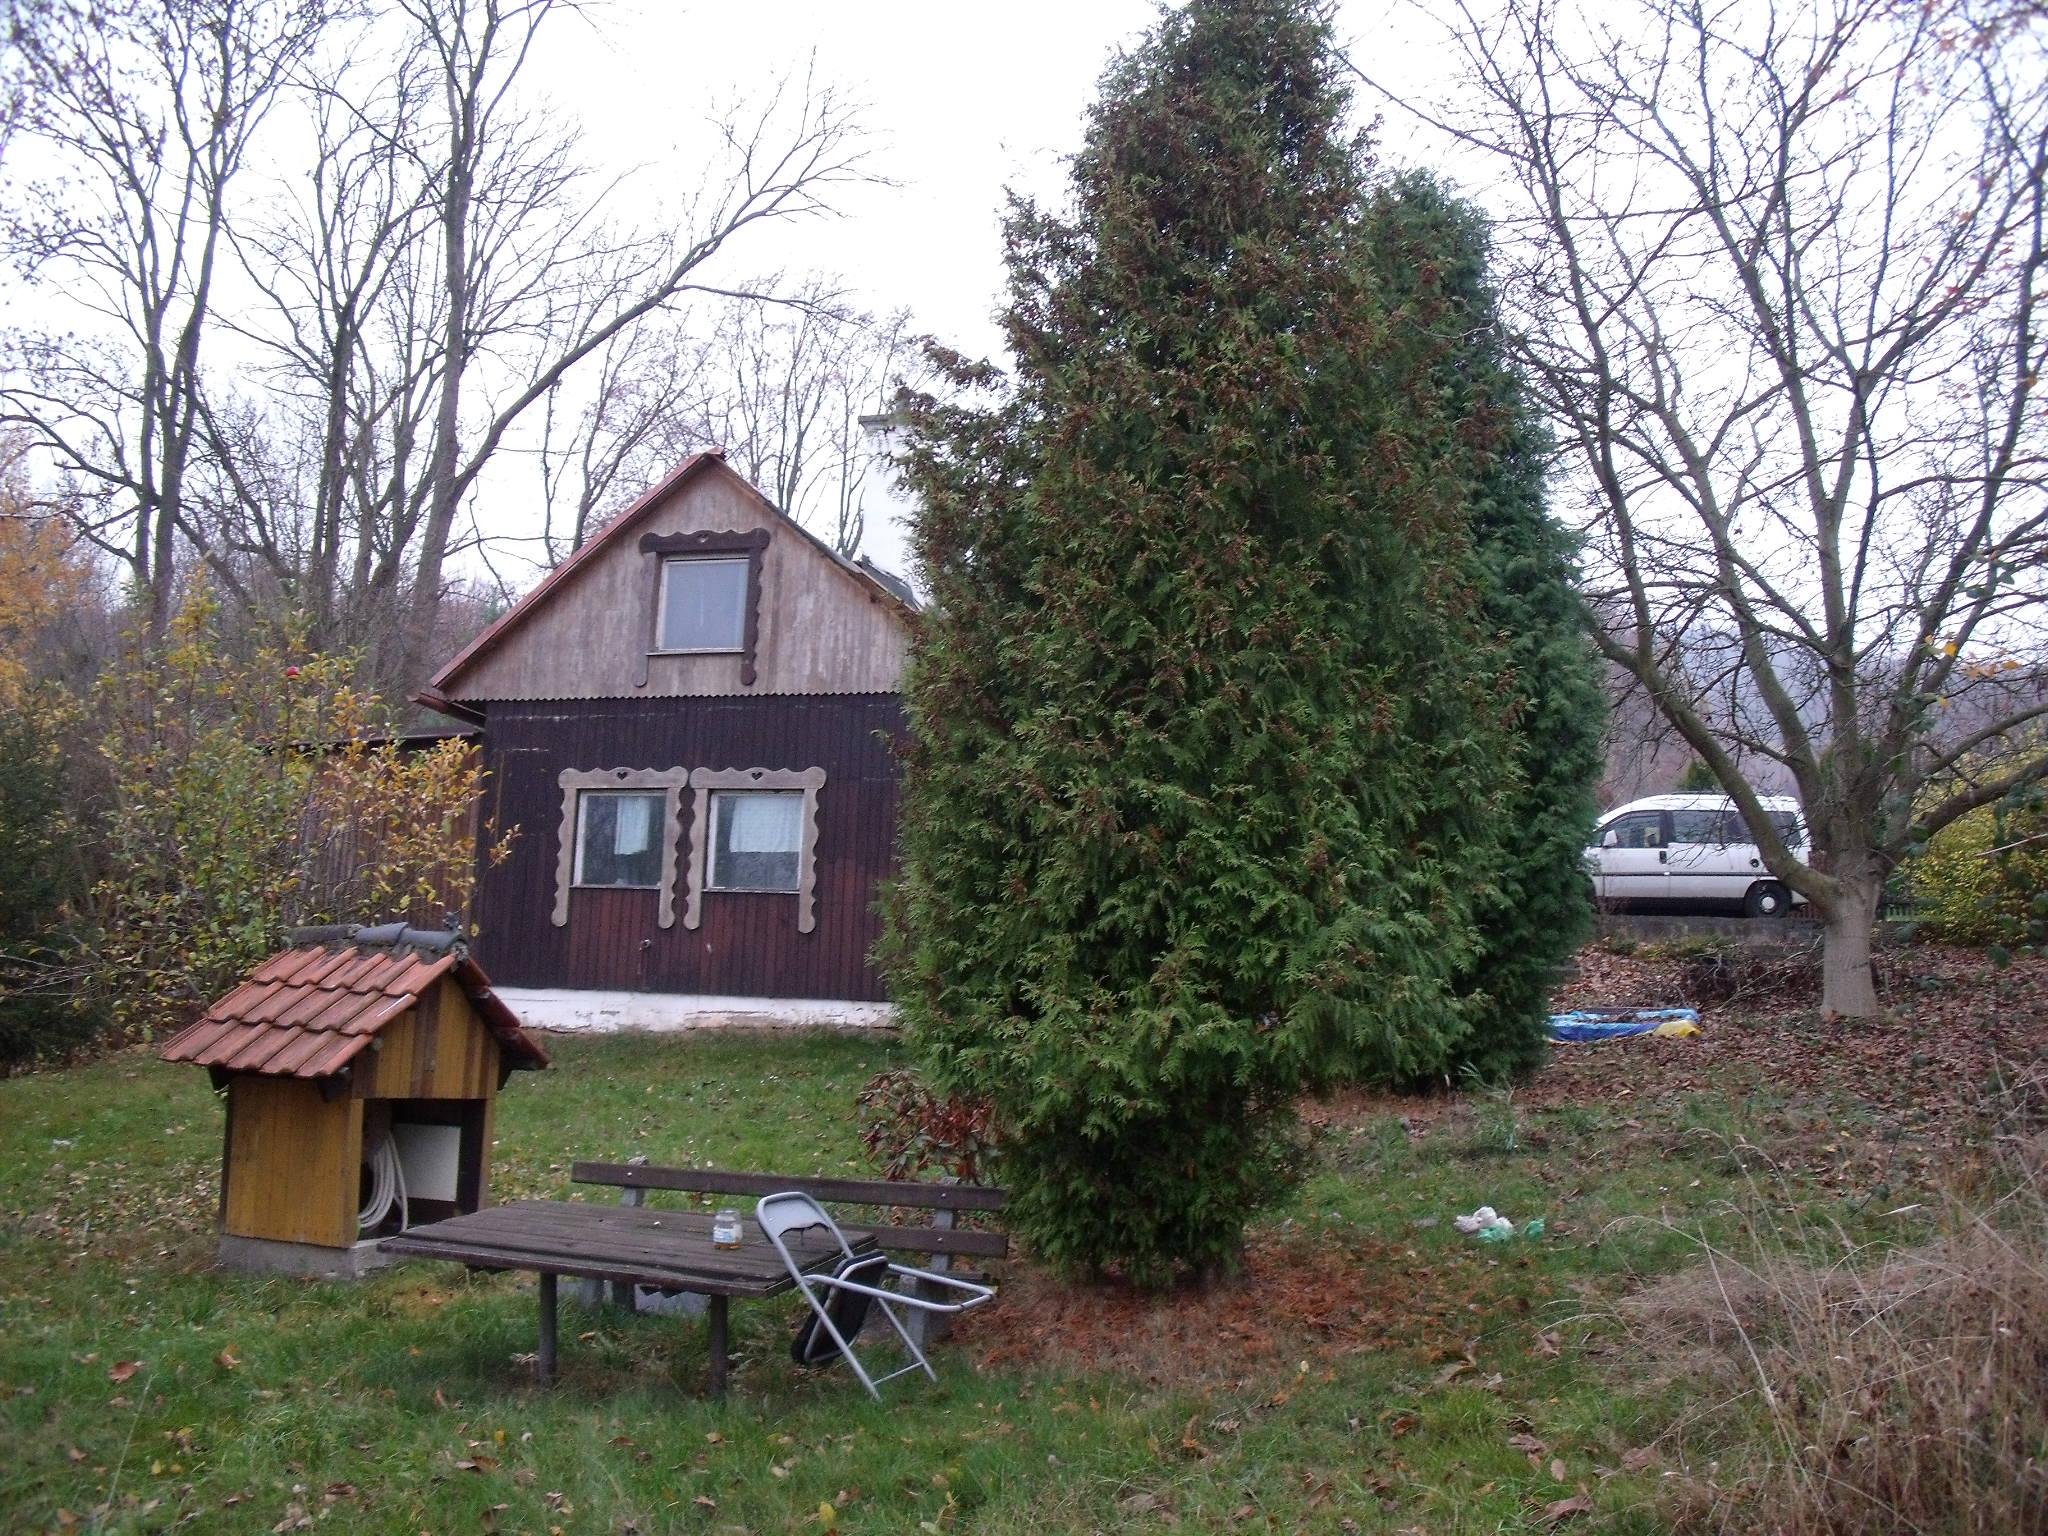 N48633 - Prodej rekreační chaty se slunnou zahradou v Bořetíně